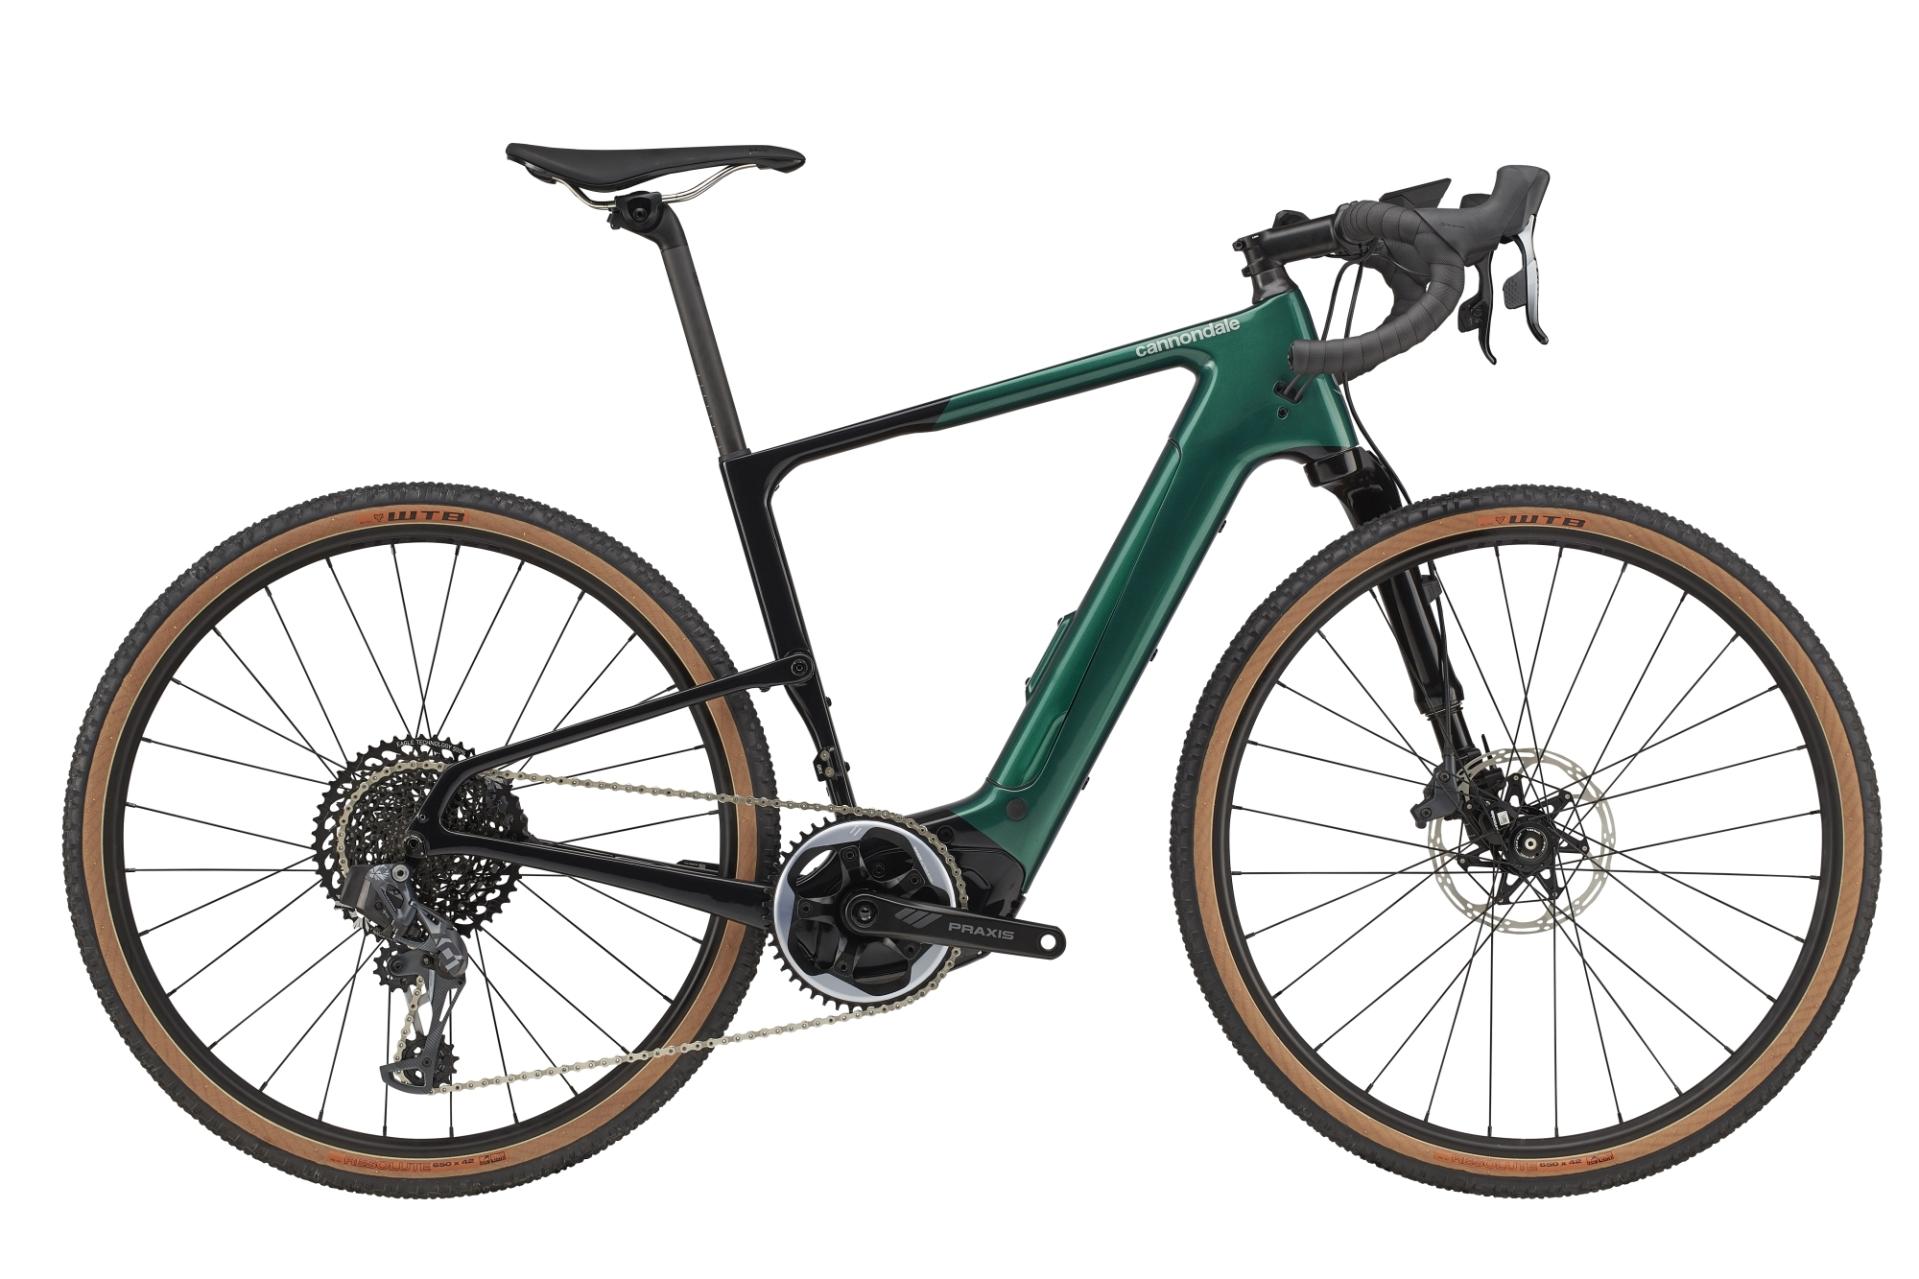 Cannondale Topstone Neo Carbon 1 Lefty pedelec gravel kerékpár - emerald - M (2021)